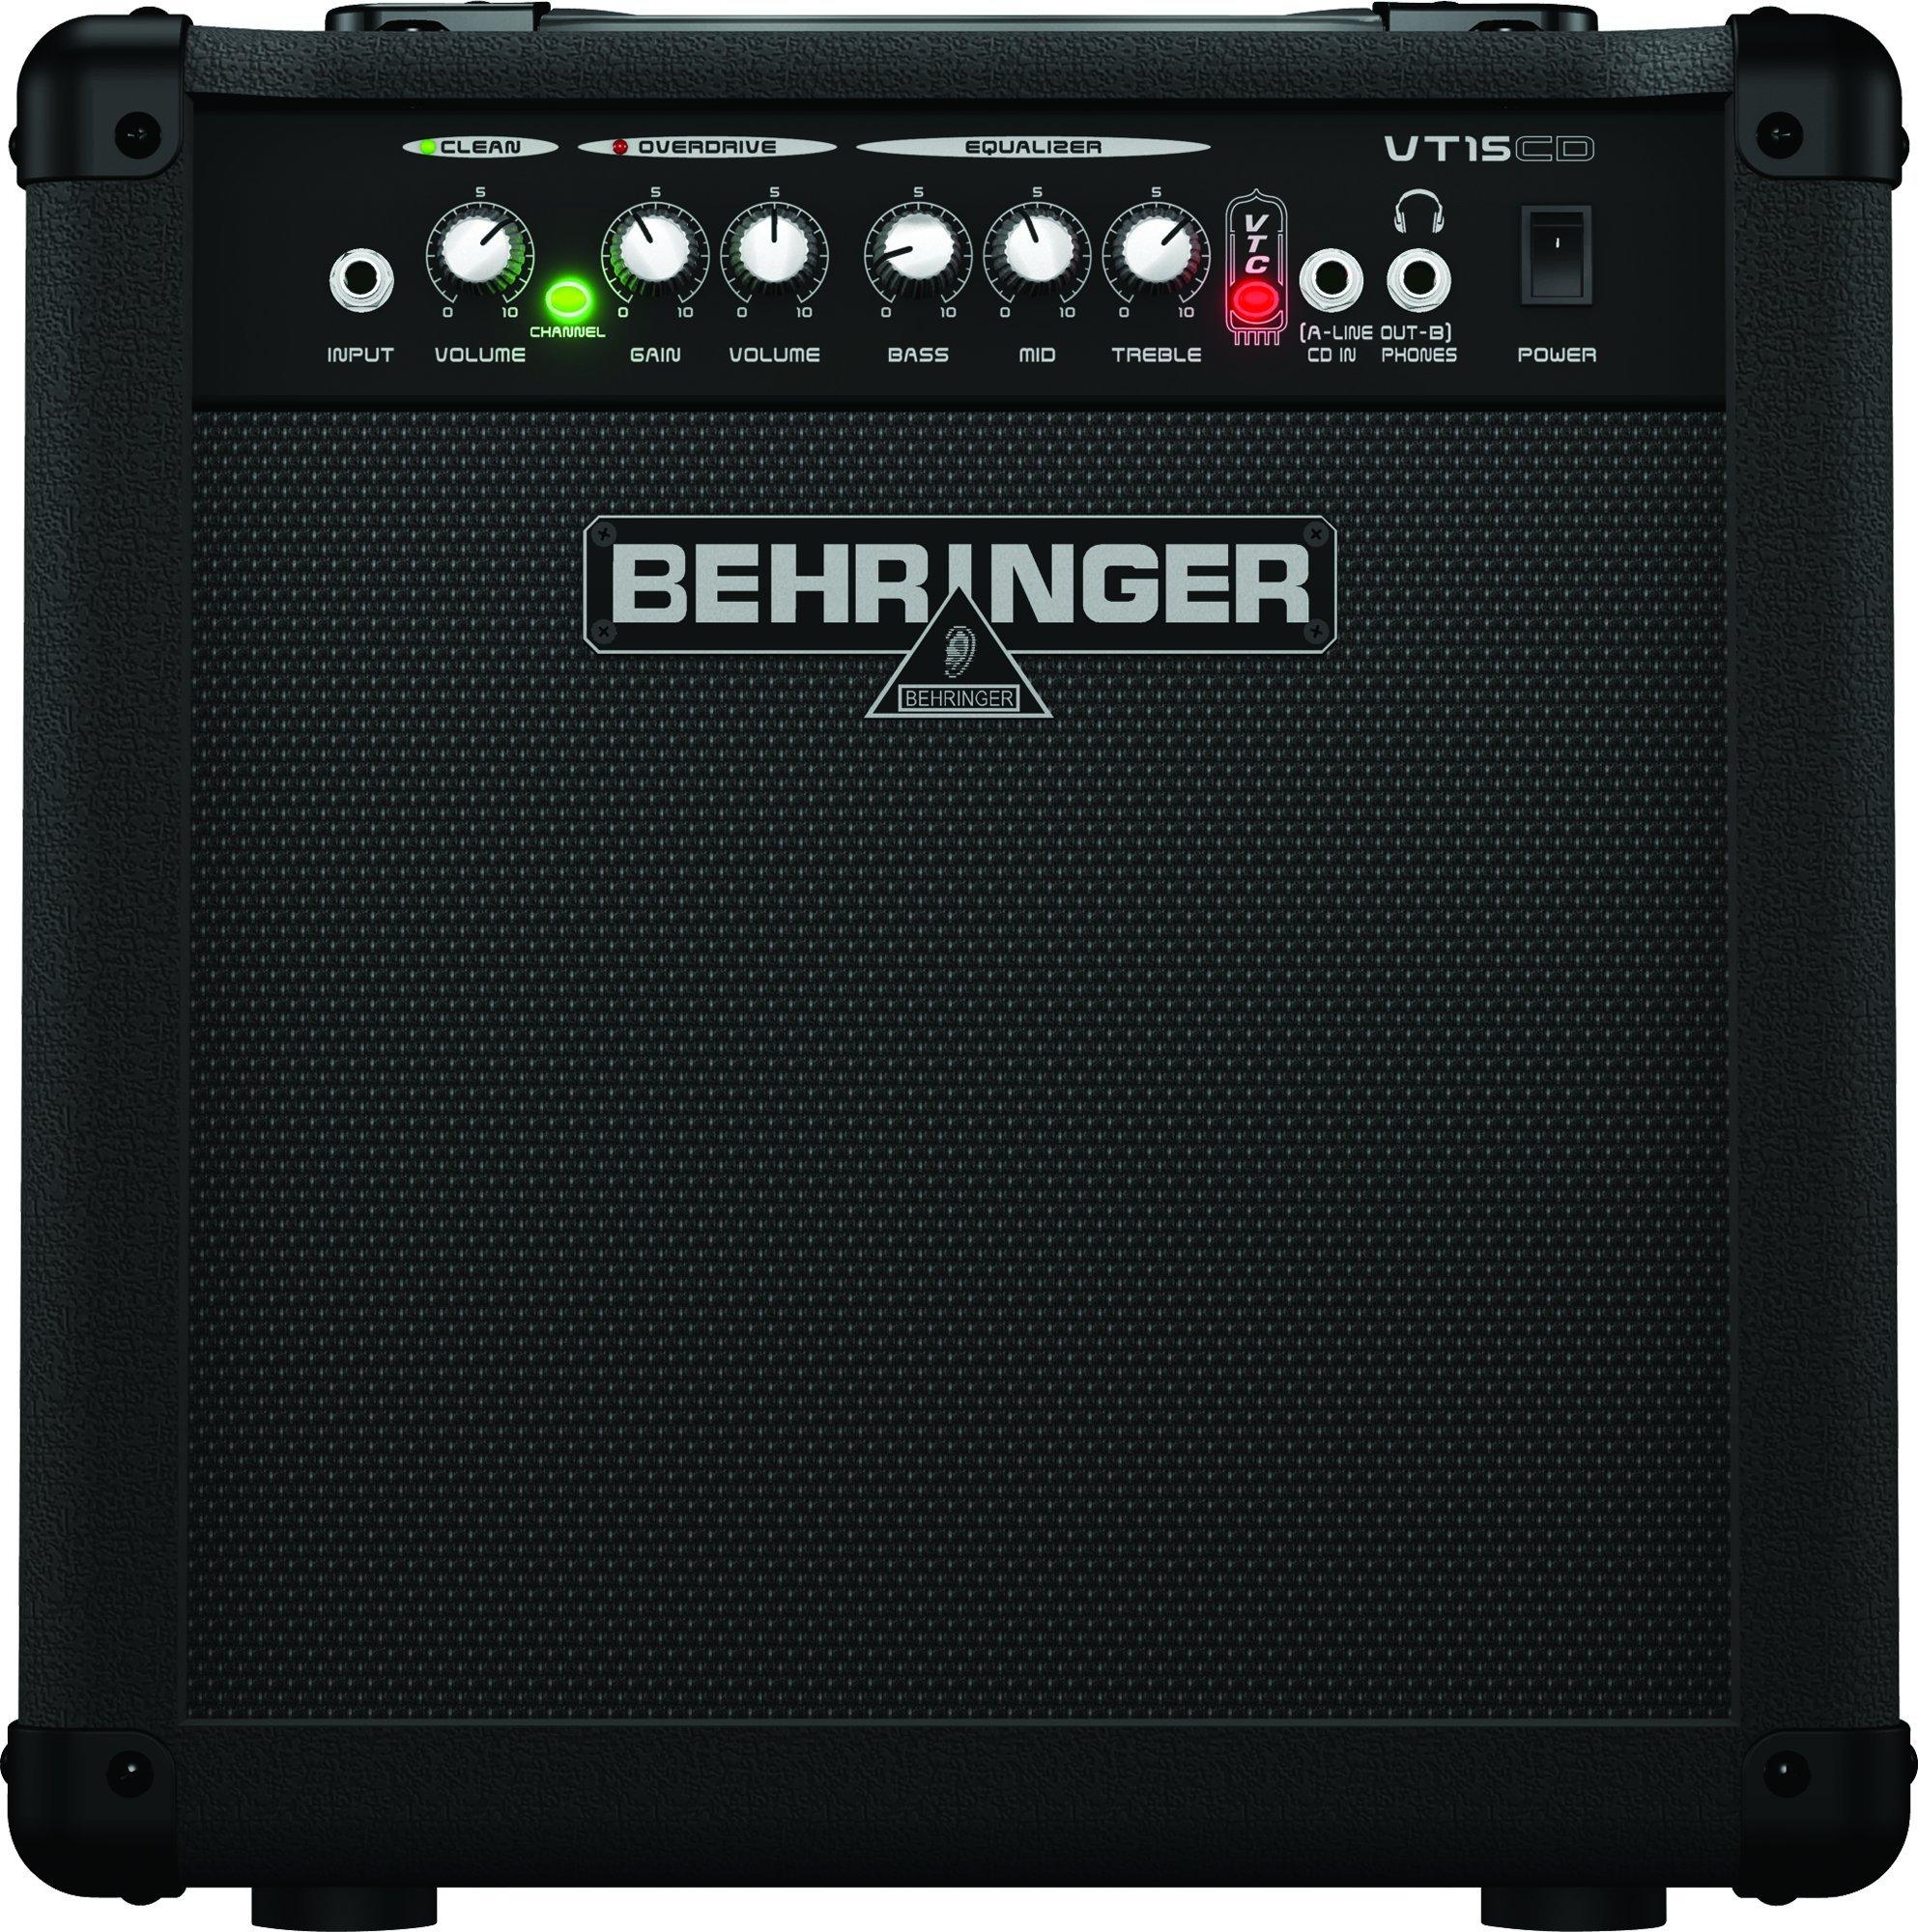 Behringer Virtube Vt15cd 15-Watt Guitar Amplifier With 2 Independent Channels, Vtc Tube Modeling And Original Bugera 8'' Speaker